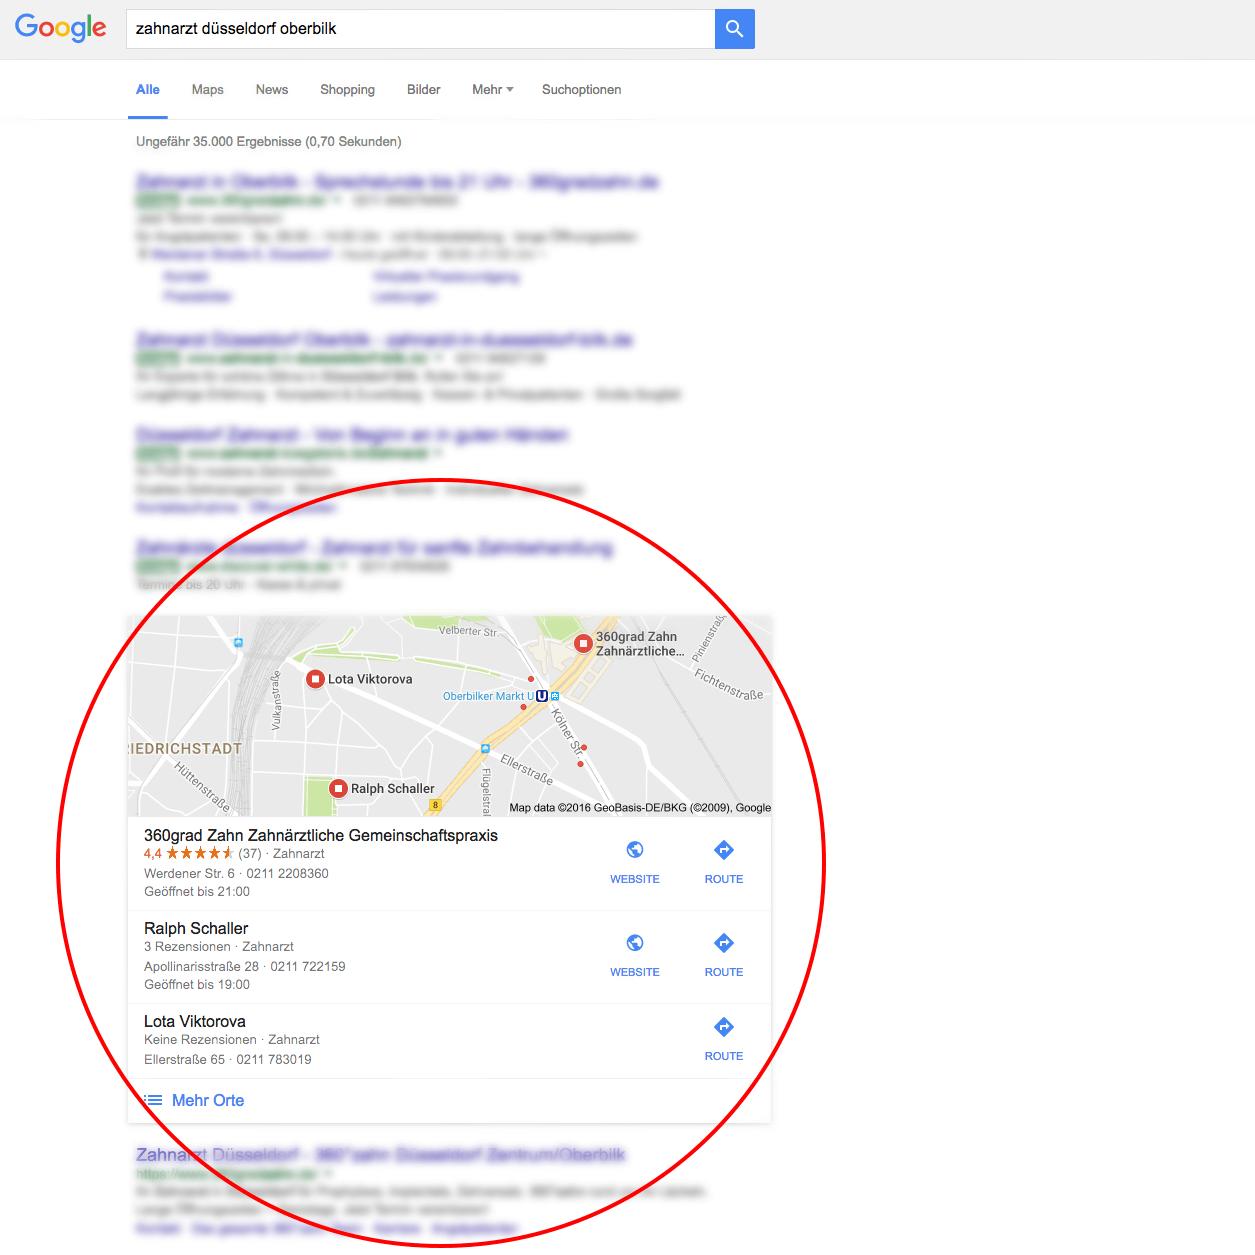 Lokale Suchanfrage Google Zahnarzt Düsseldorf